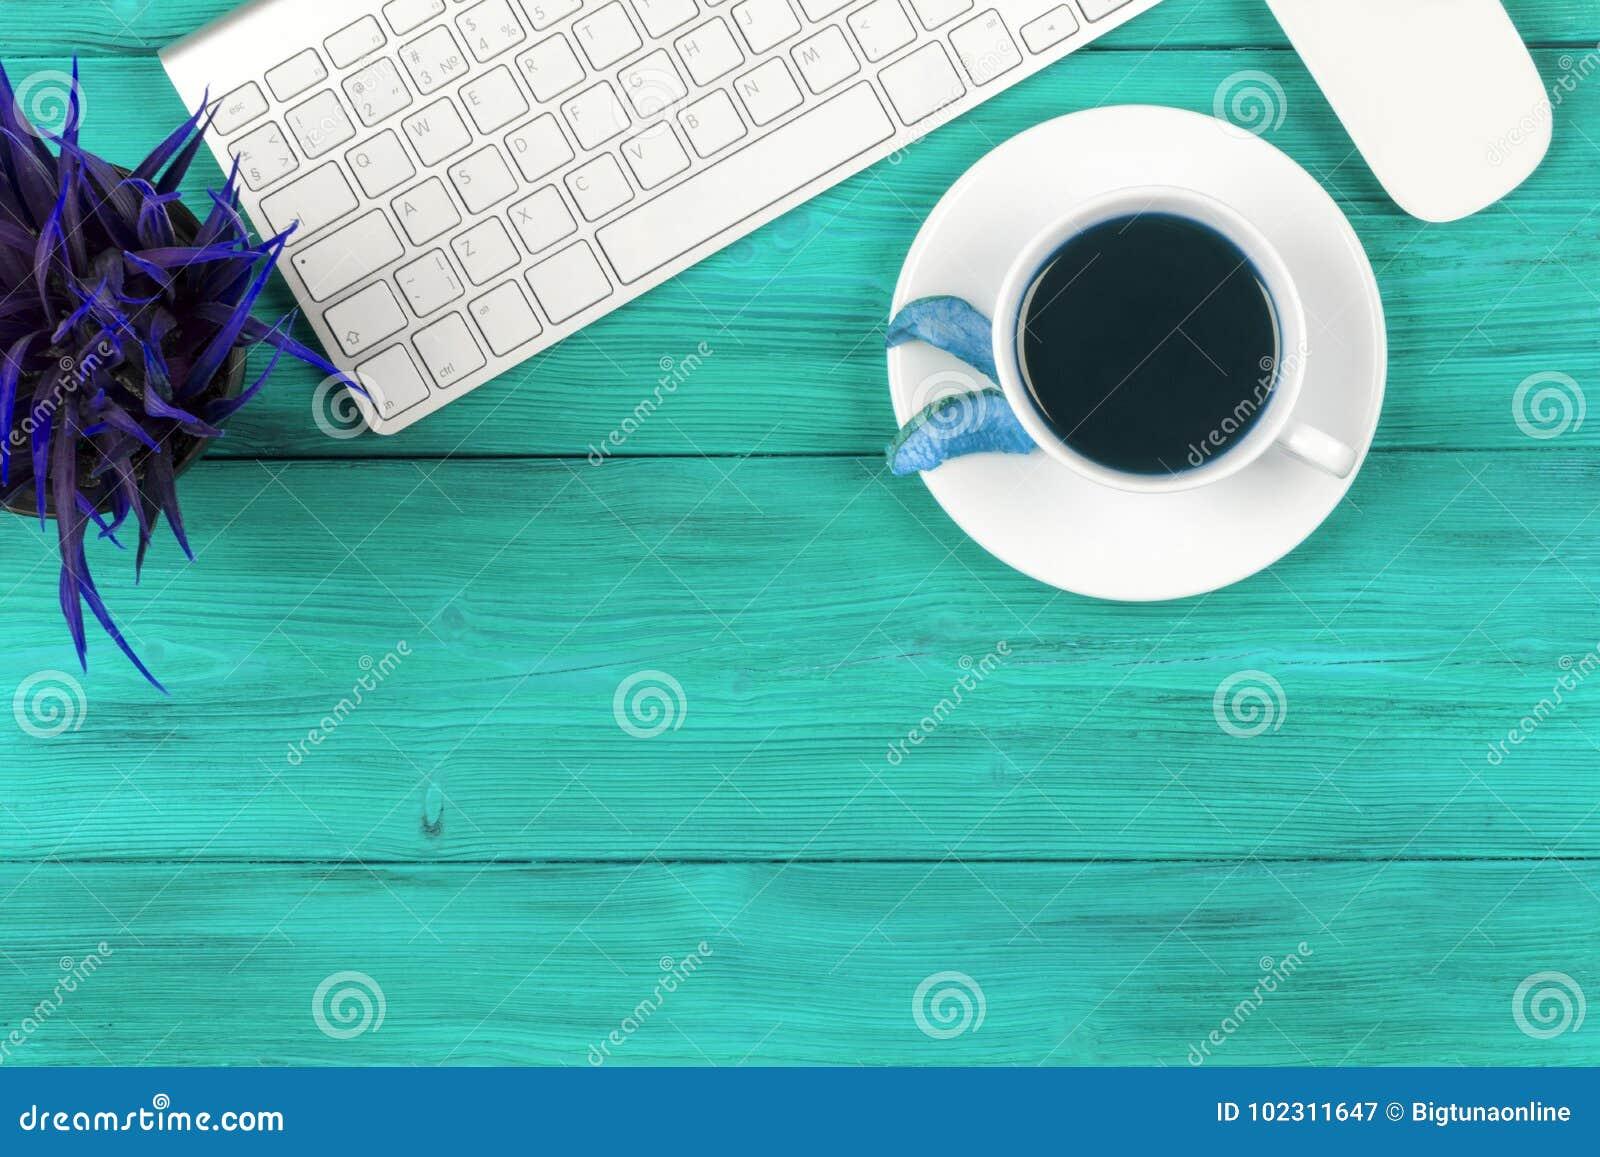 Bureau avec l espace de copie Dispositifs de Digital clavier et souris sans fil sur la table en bois bleue avec la tasse de café